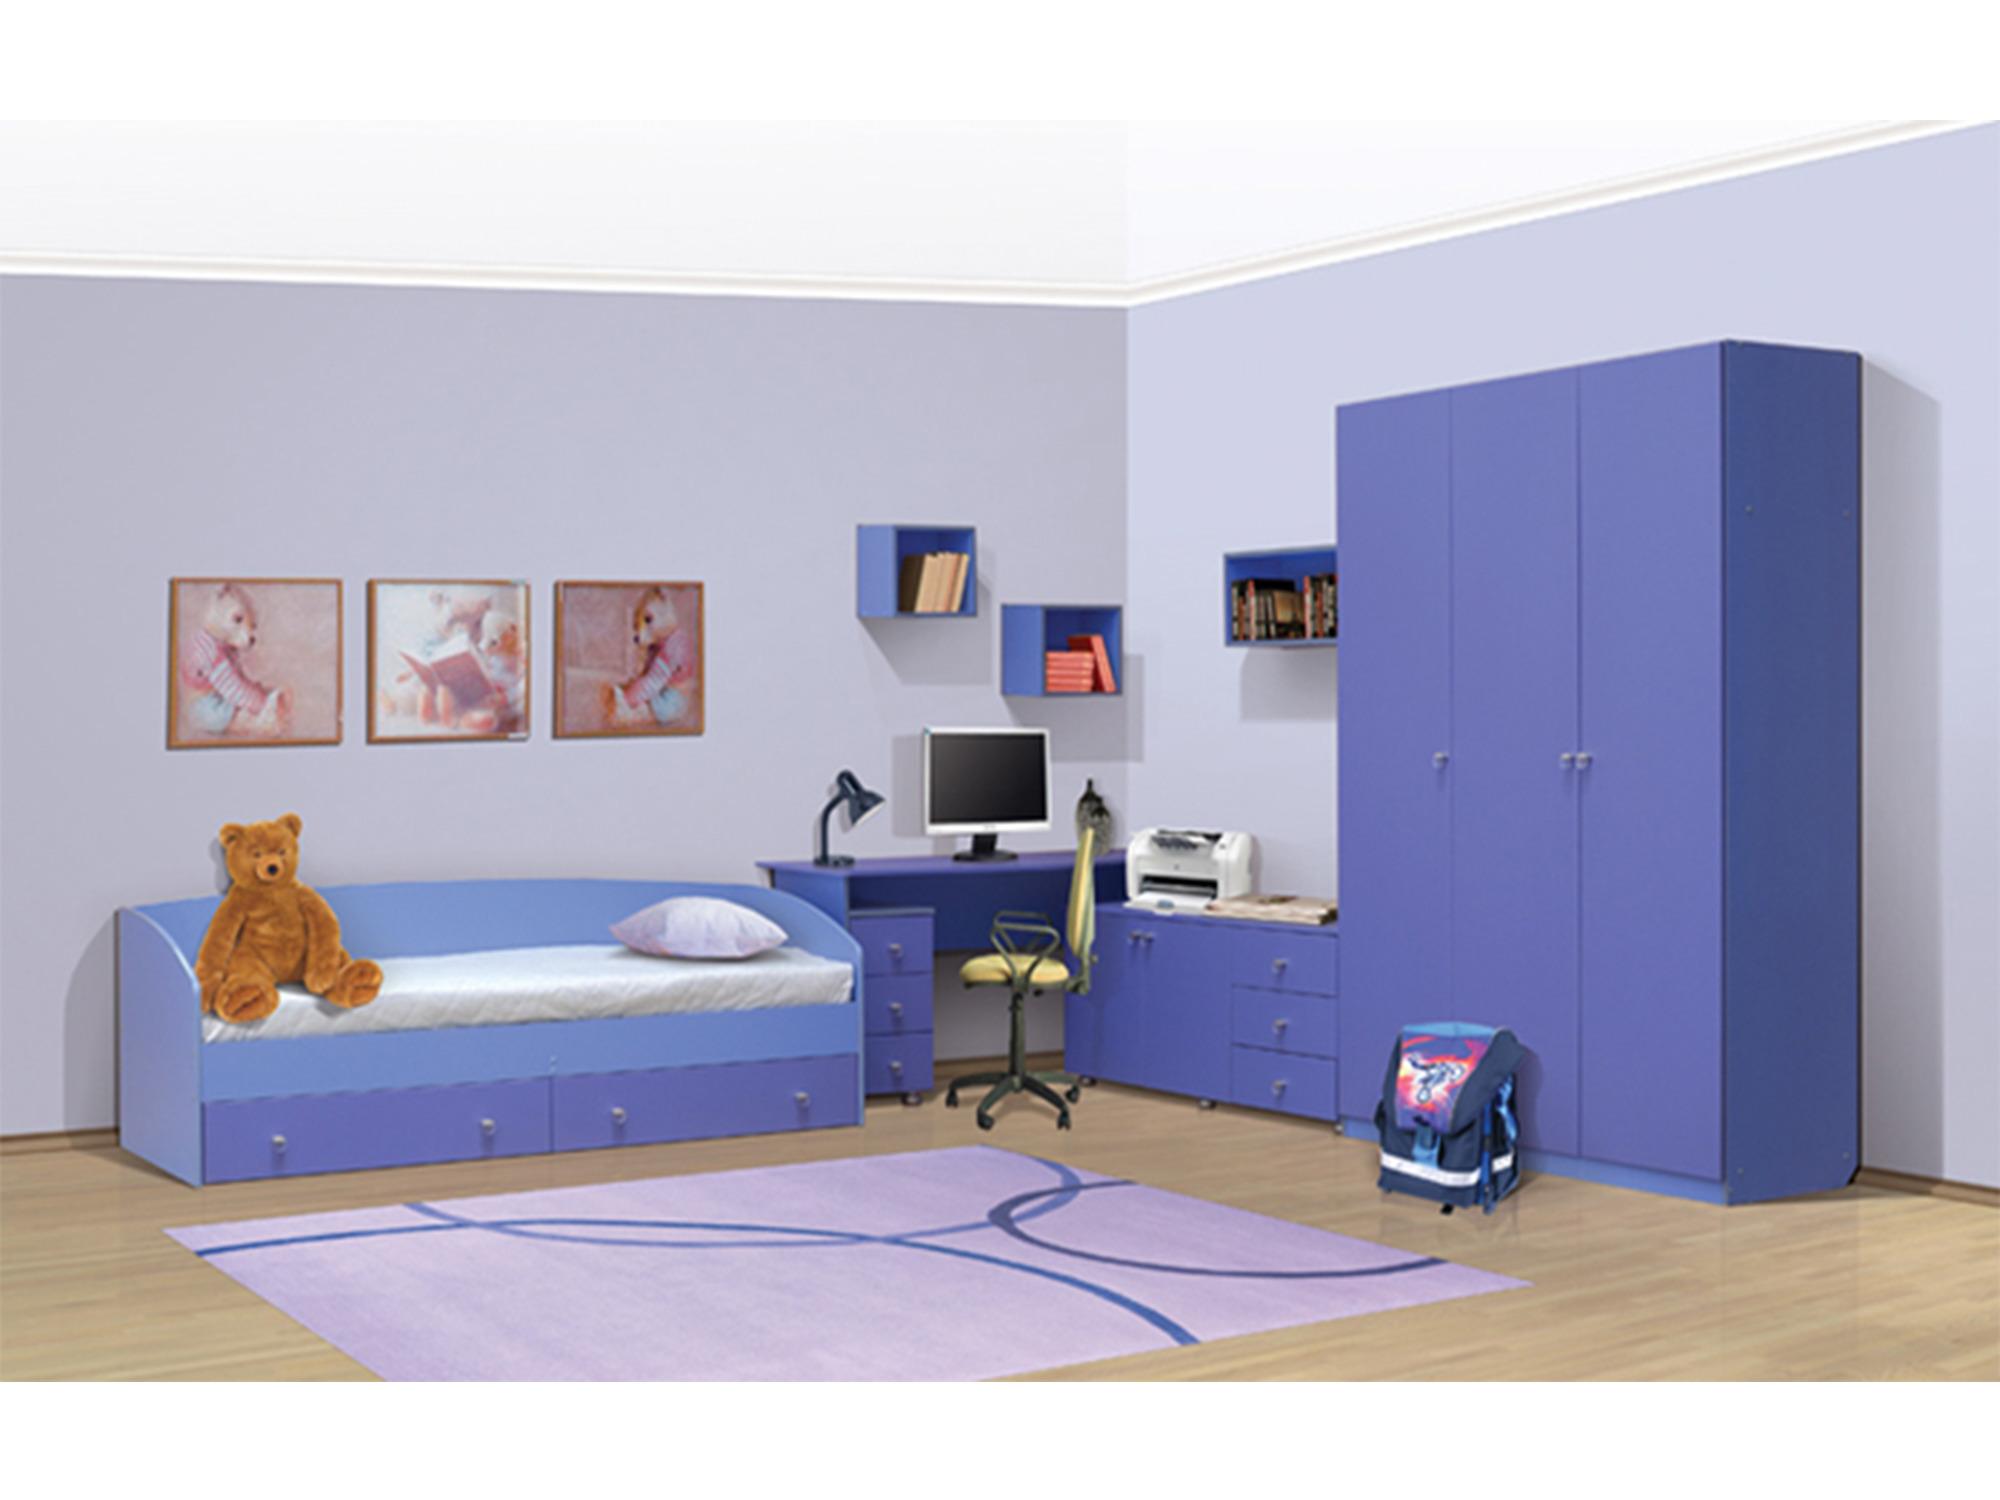 Спальный гарнитур ЛицейДетские комнаты<br><br><br>Длина мм: 7290<br>Высота мм: 2100<br>Глубина мм: 520